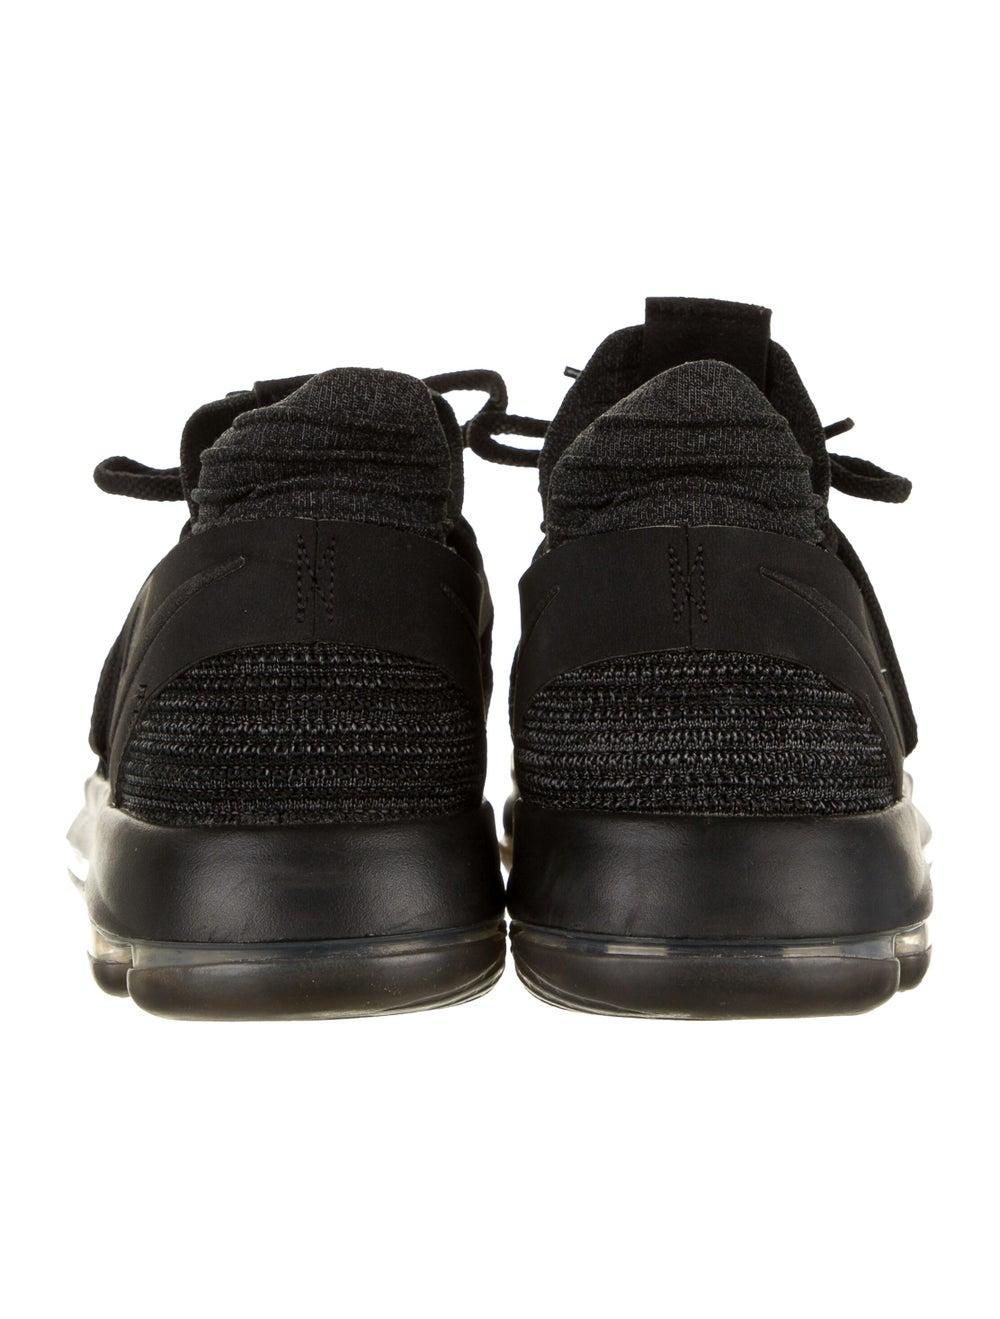 Nike Sneakers Black - image 4